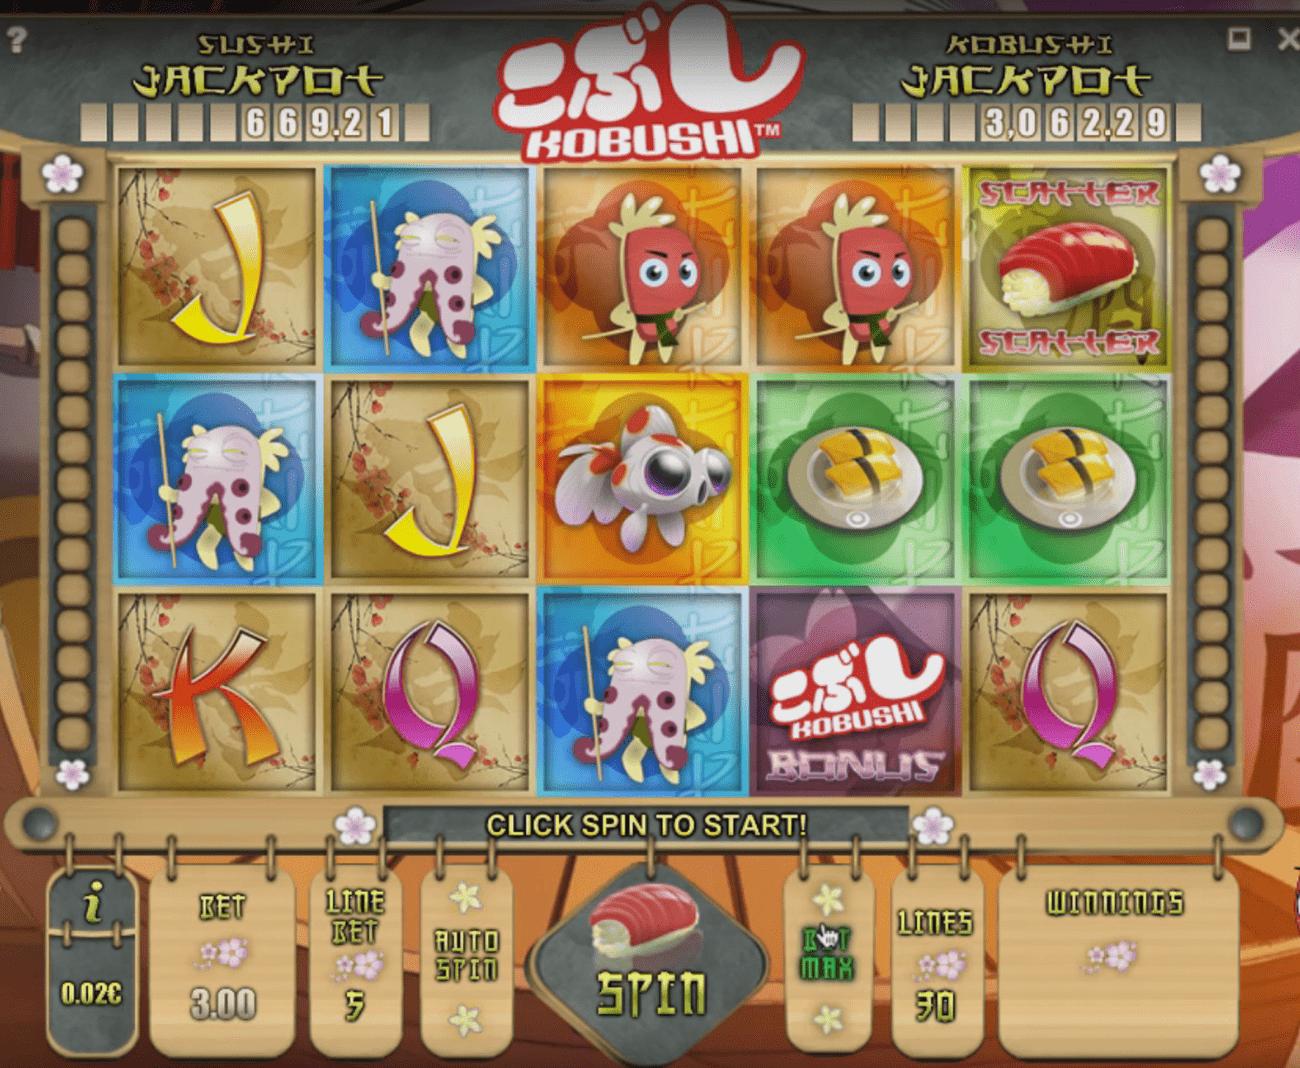 10/14/ · Игровой автомат Jackpot Rango превзойдет все ваши ожидания.Игровой автомат Jackpot Rango от IsoftBet один из самых популярных в интернет казино.Что же в нем особенного, спросите вы.Откровенно говоря, все!5/